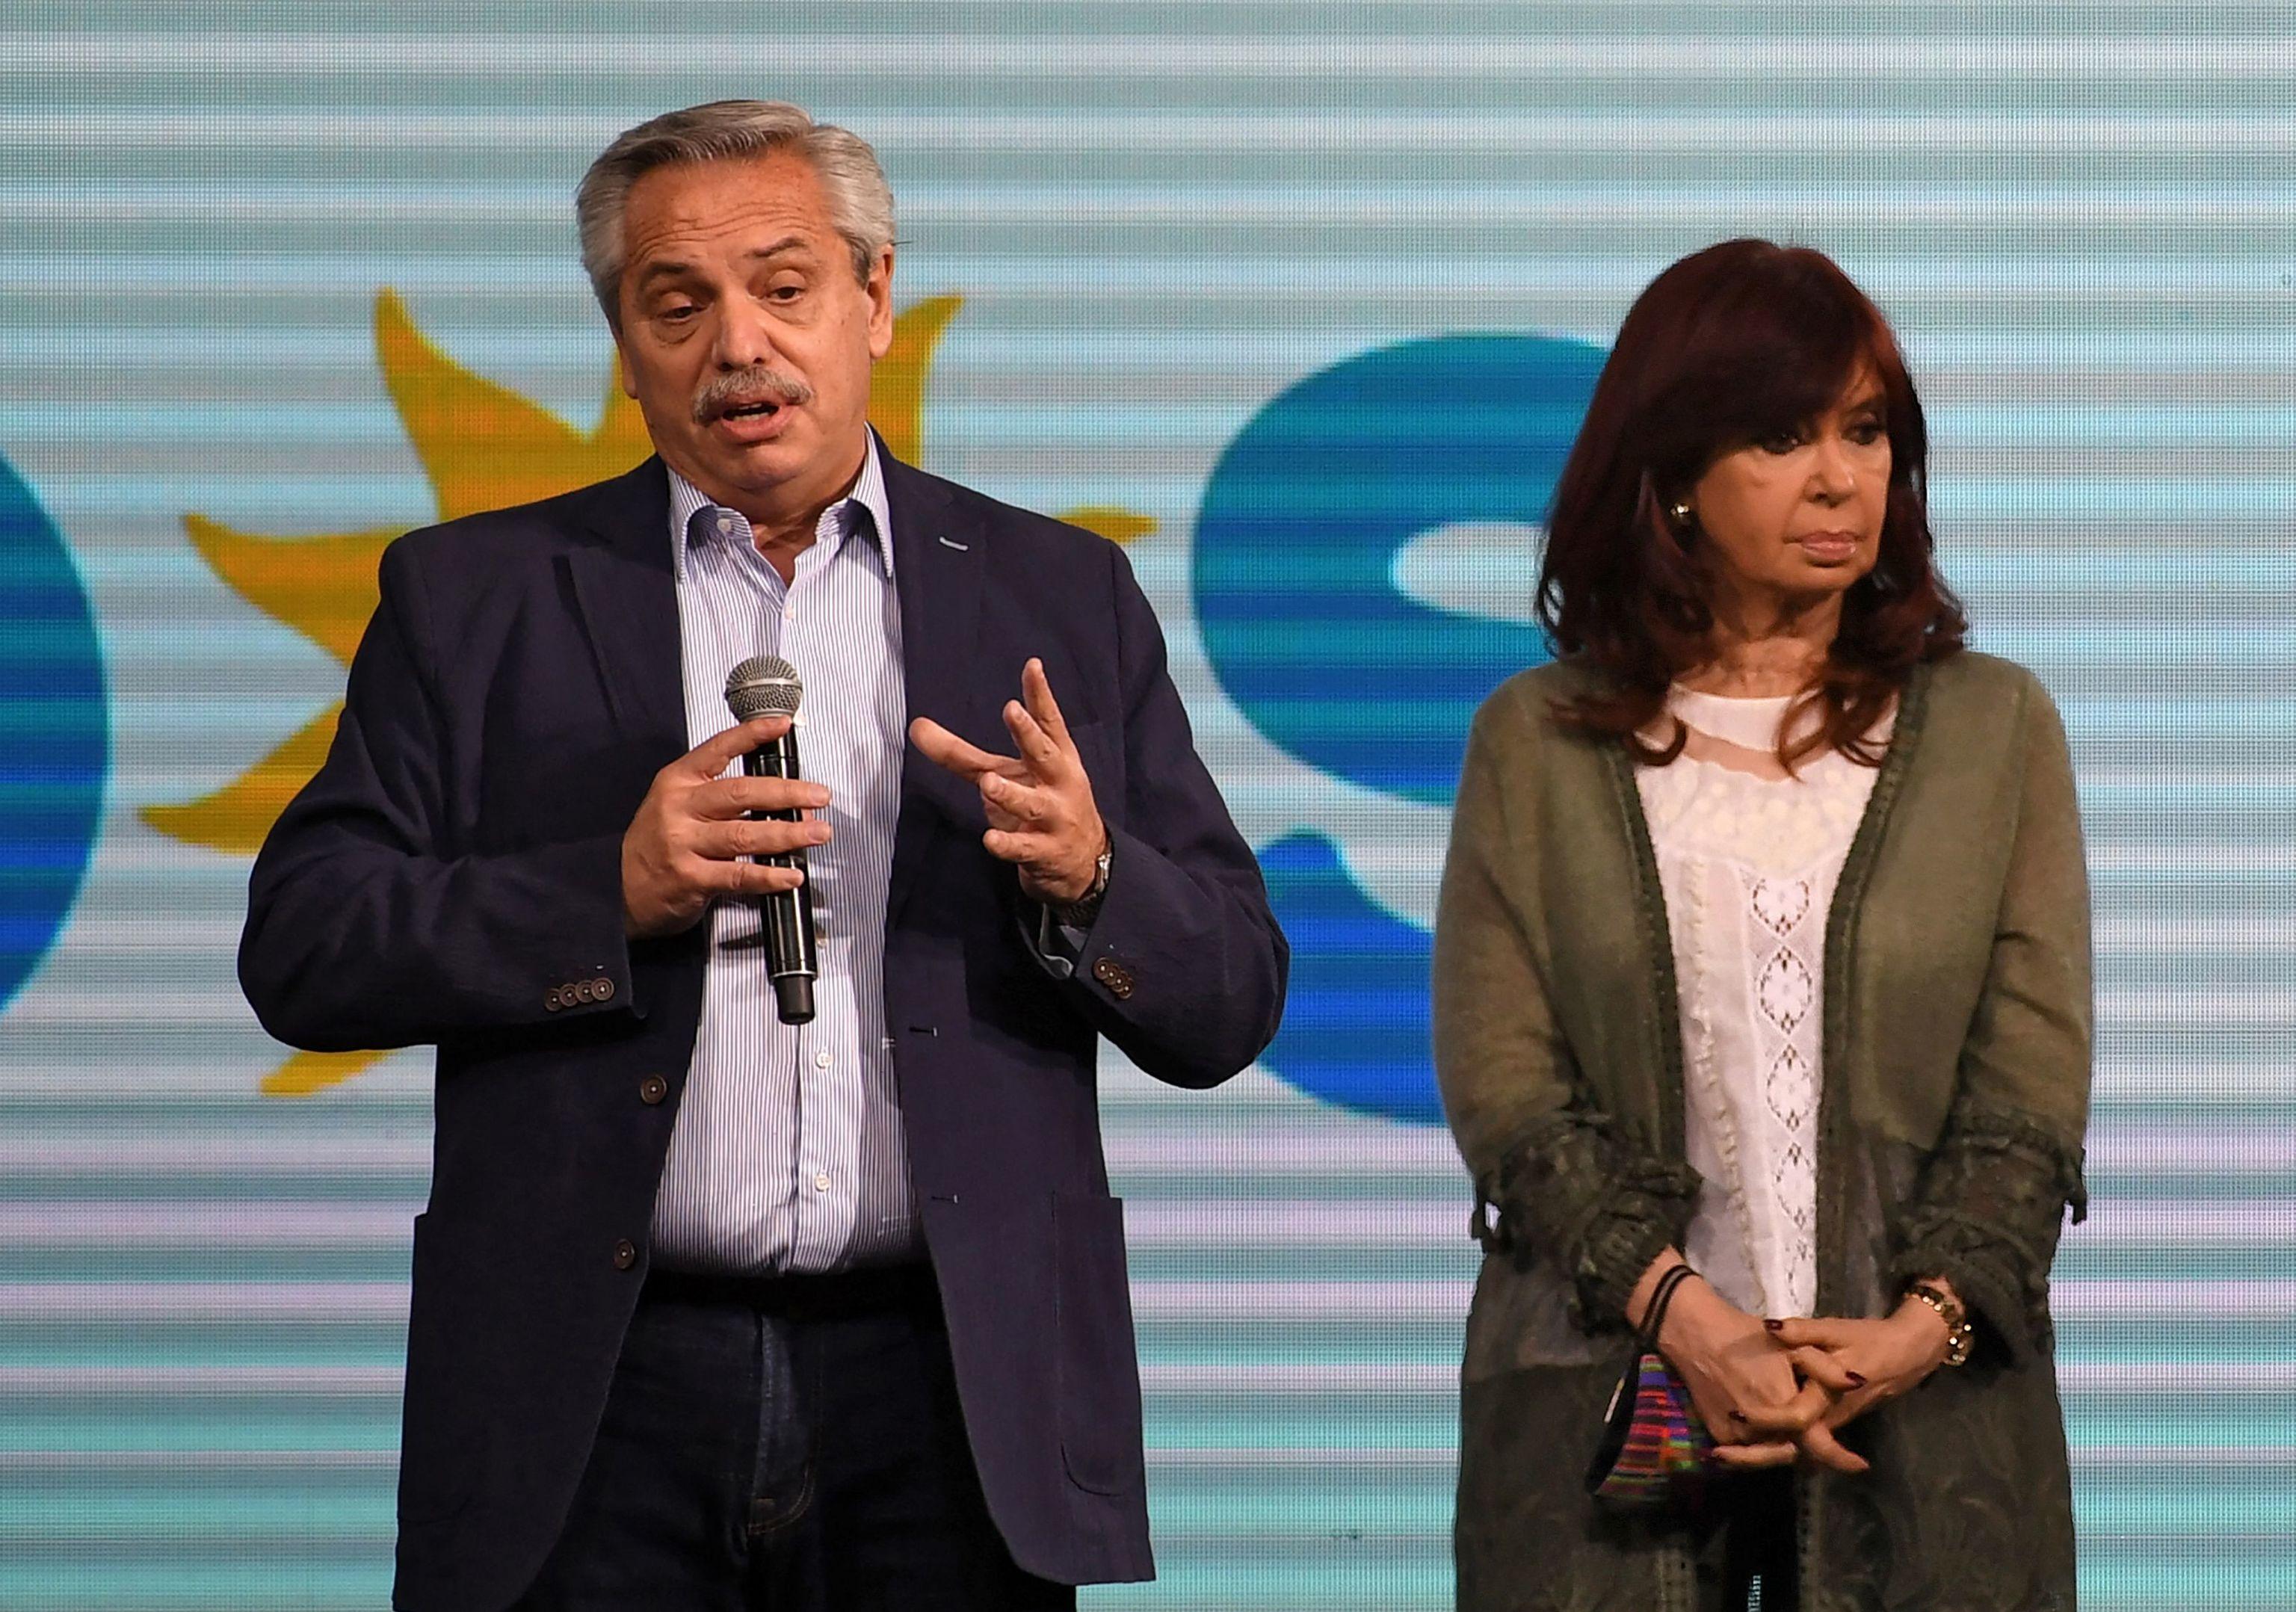 El presidente de Argentina, Alberto Fernández, y la vicepresidenta, Cristina Fernández de Kirchner comparecen ante los medios después de la dura derrota electoral de este domingo.